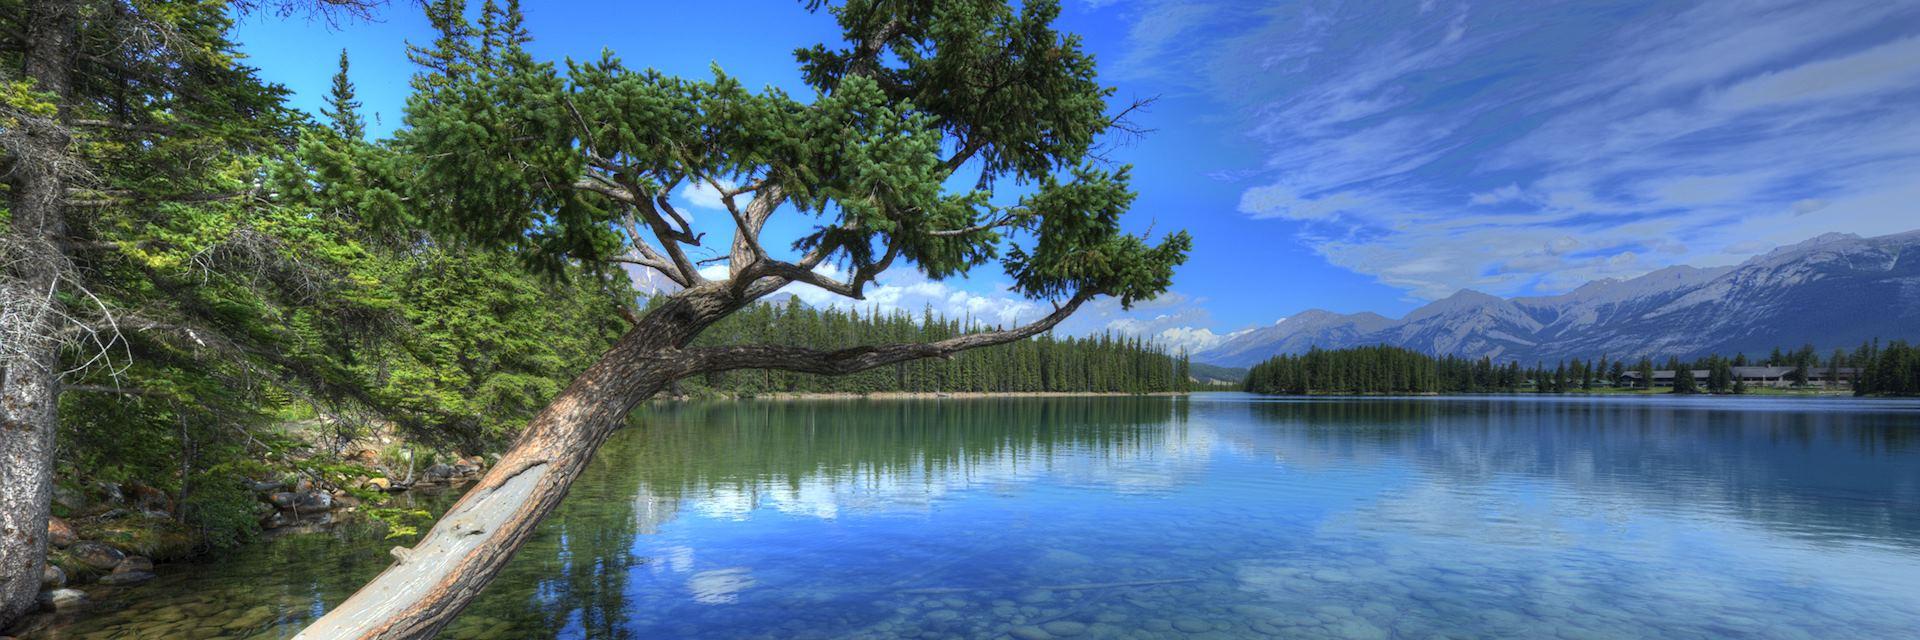 Waterton Lakes National Park, Alberta